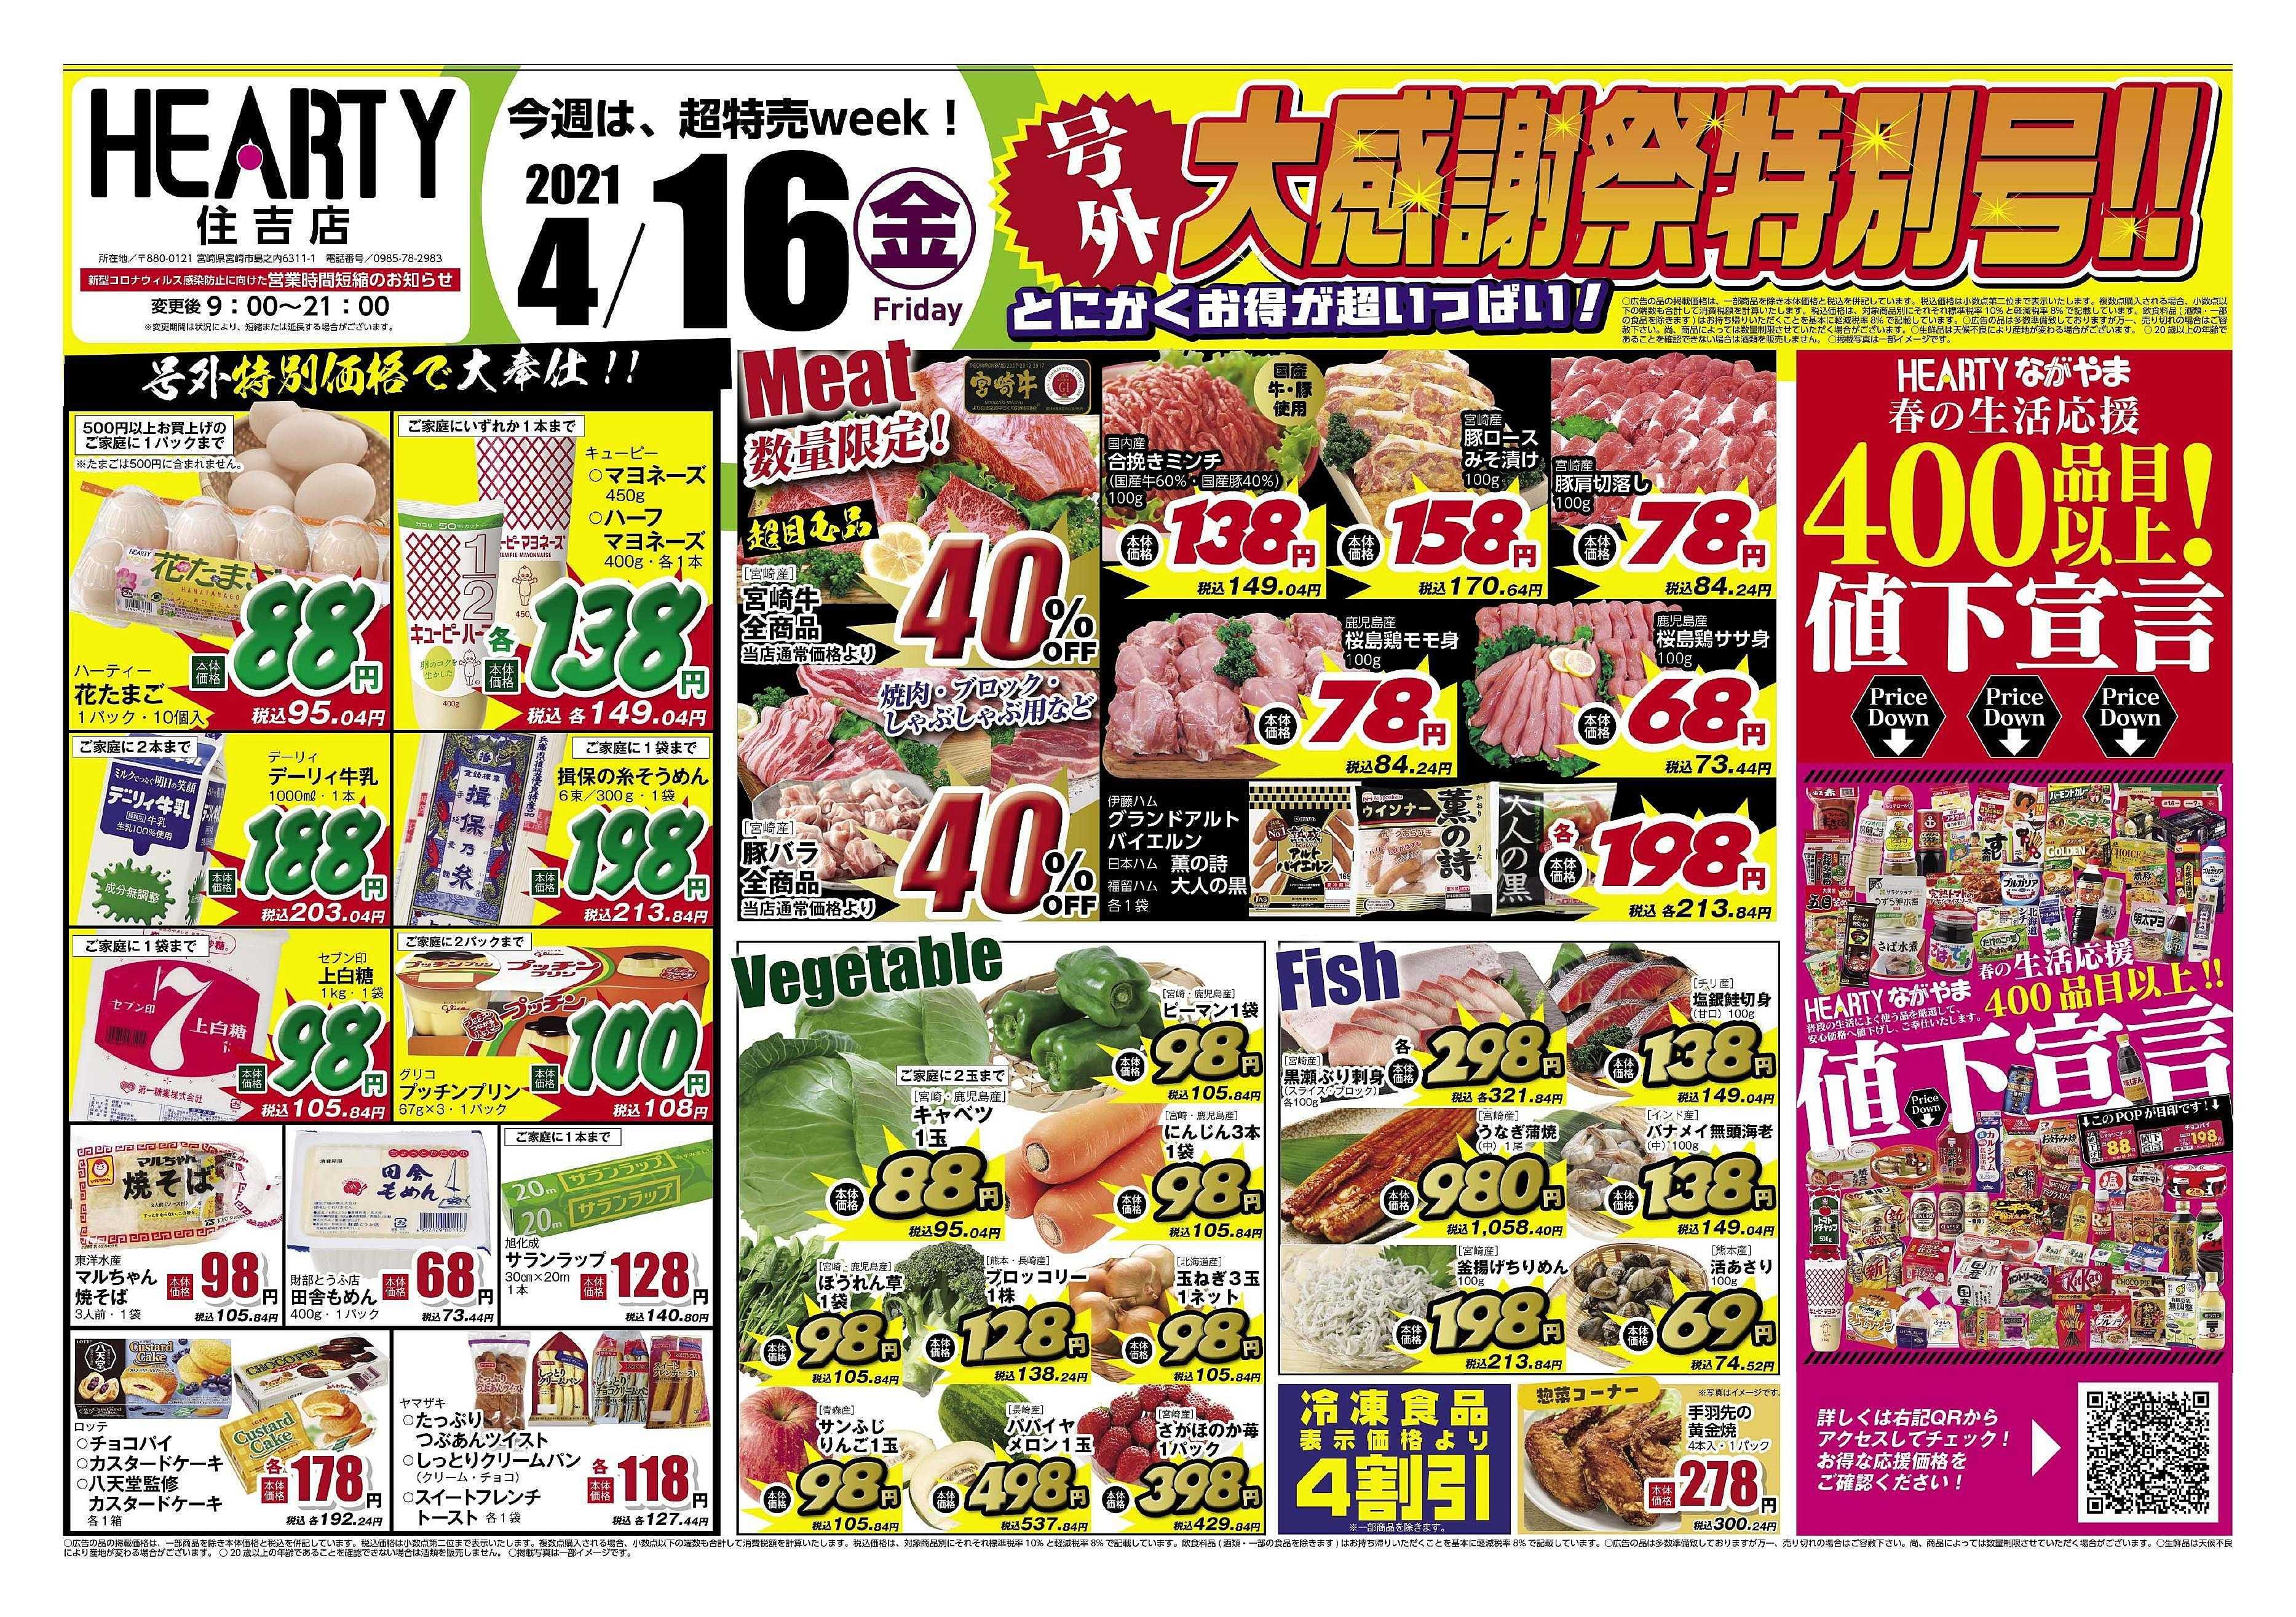 ハーティーながやま 4/16-4/19 大感謝祭特別号